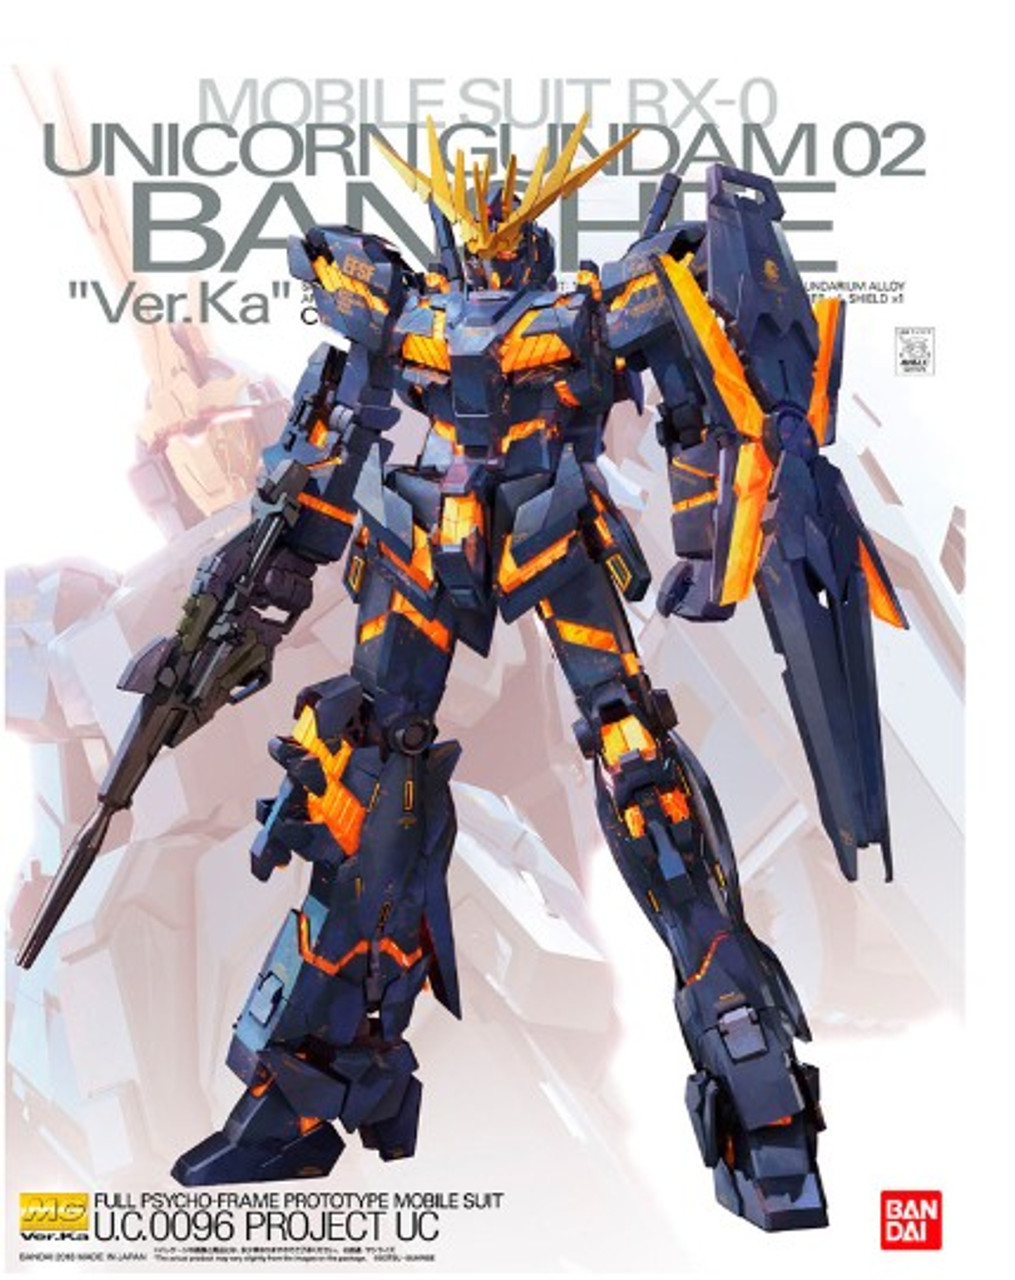 1/100 HG Universal Century Series: Unicorn Gundam 02 Banshee (Ver.Ka)